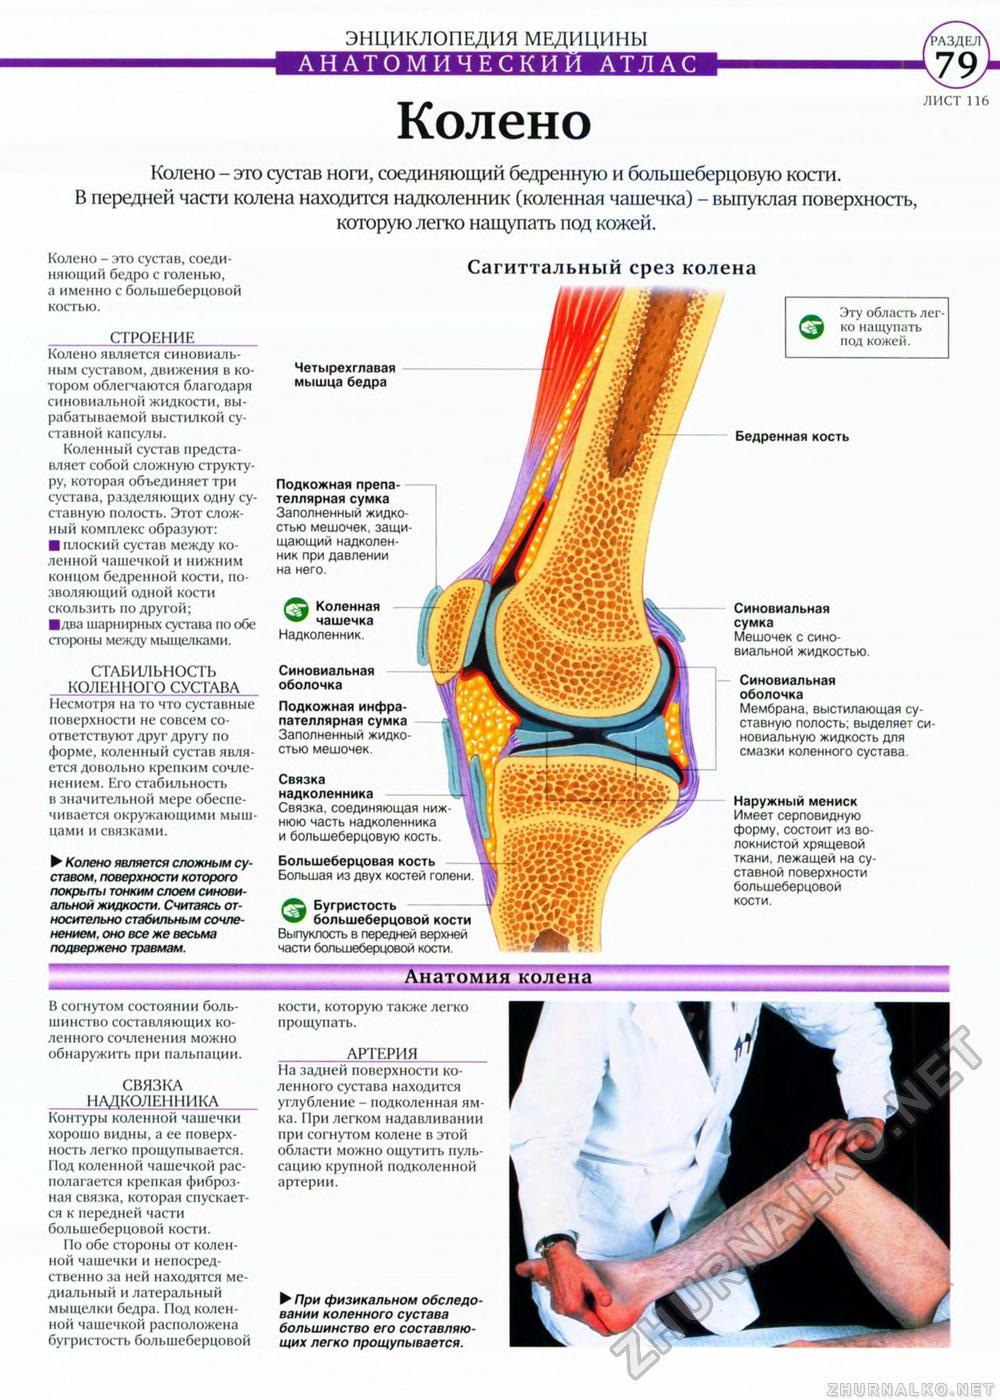 Как эффективно избавиться от грибка ногтей на ногах отзывы